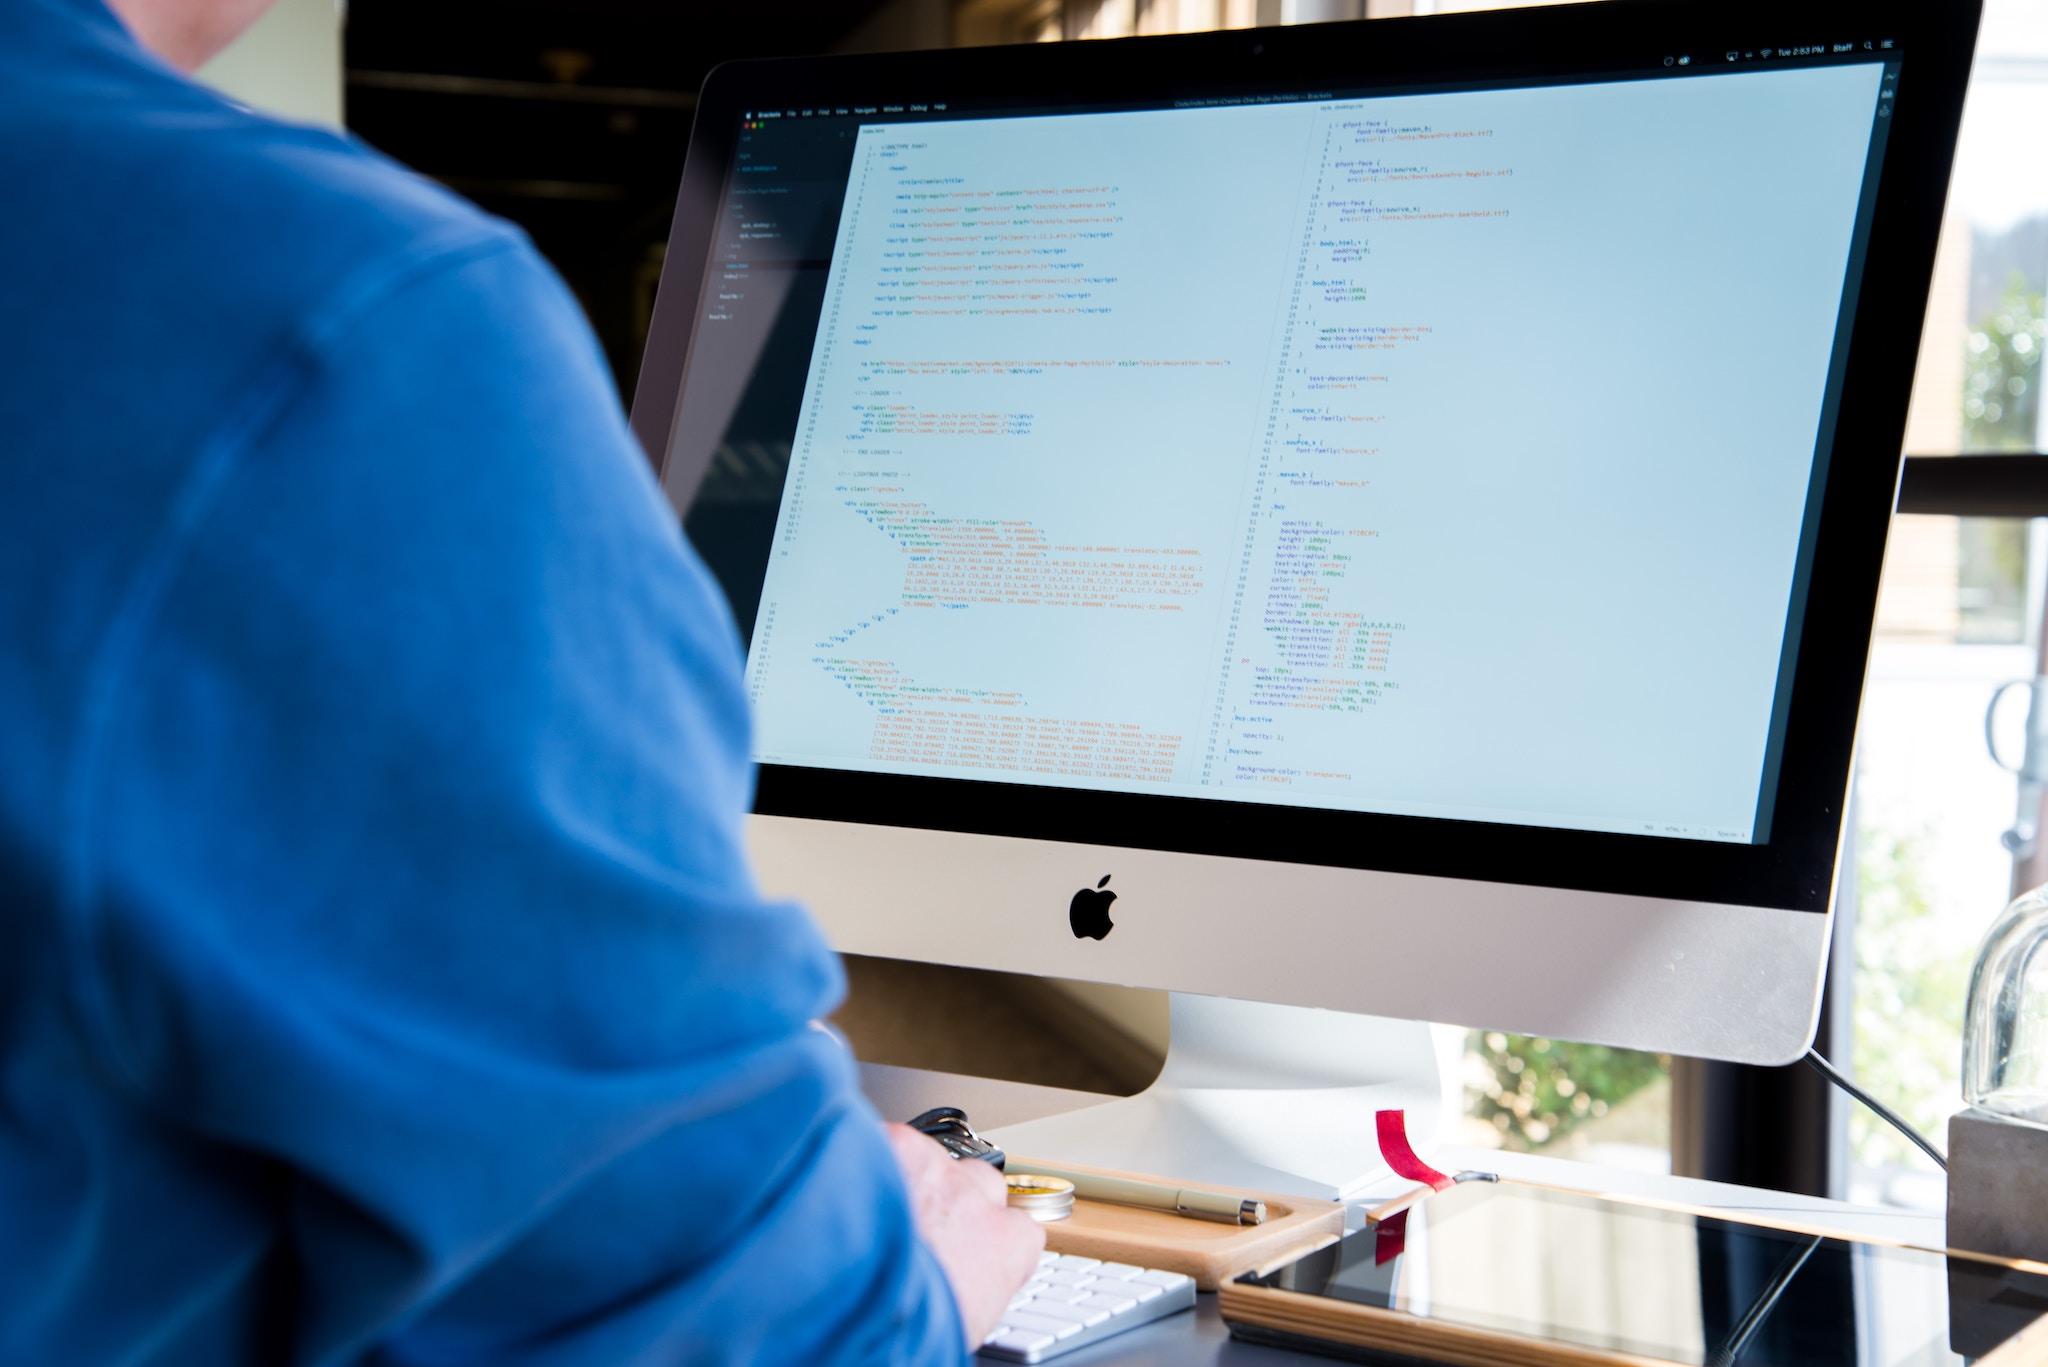 Html5學習資源分享,網站及搜尋引擎優化必備技能